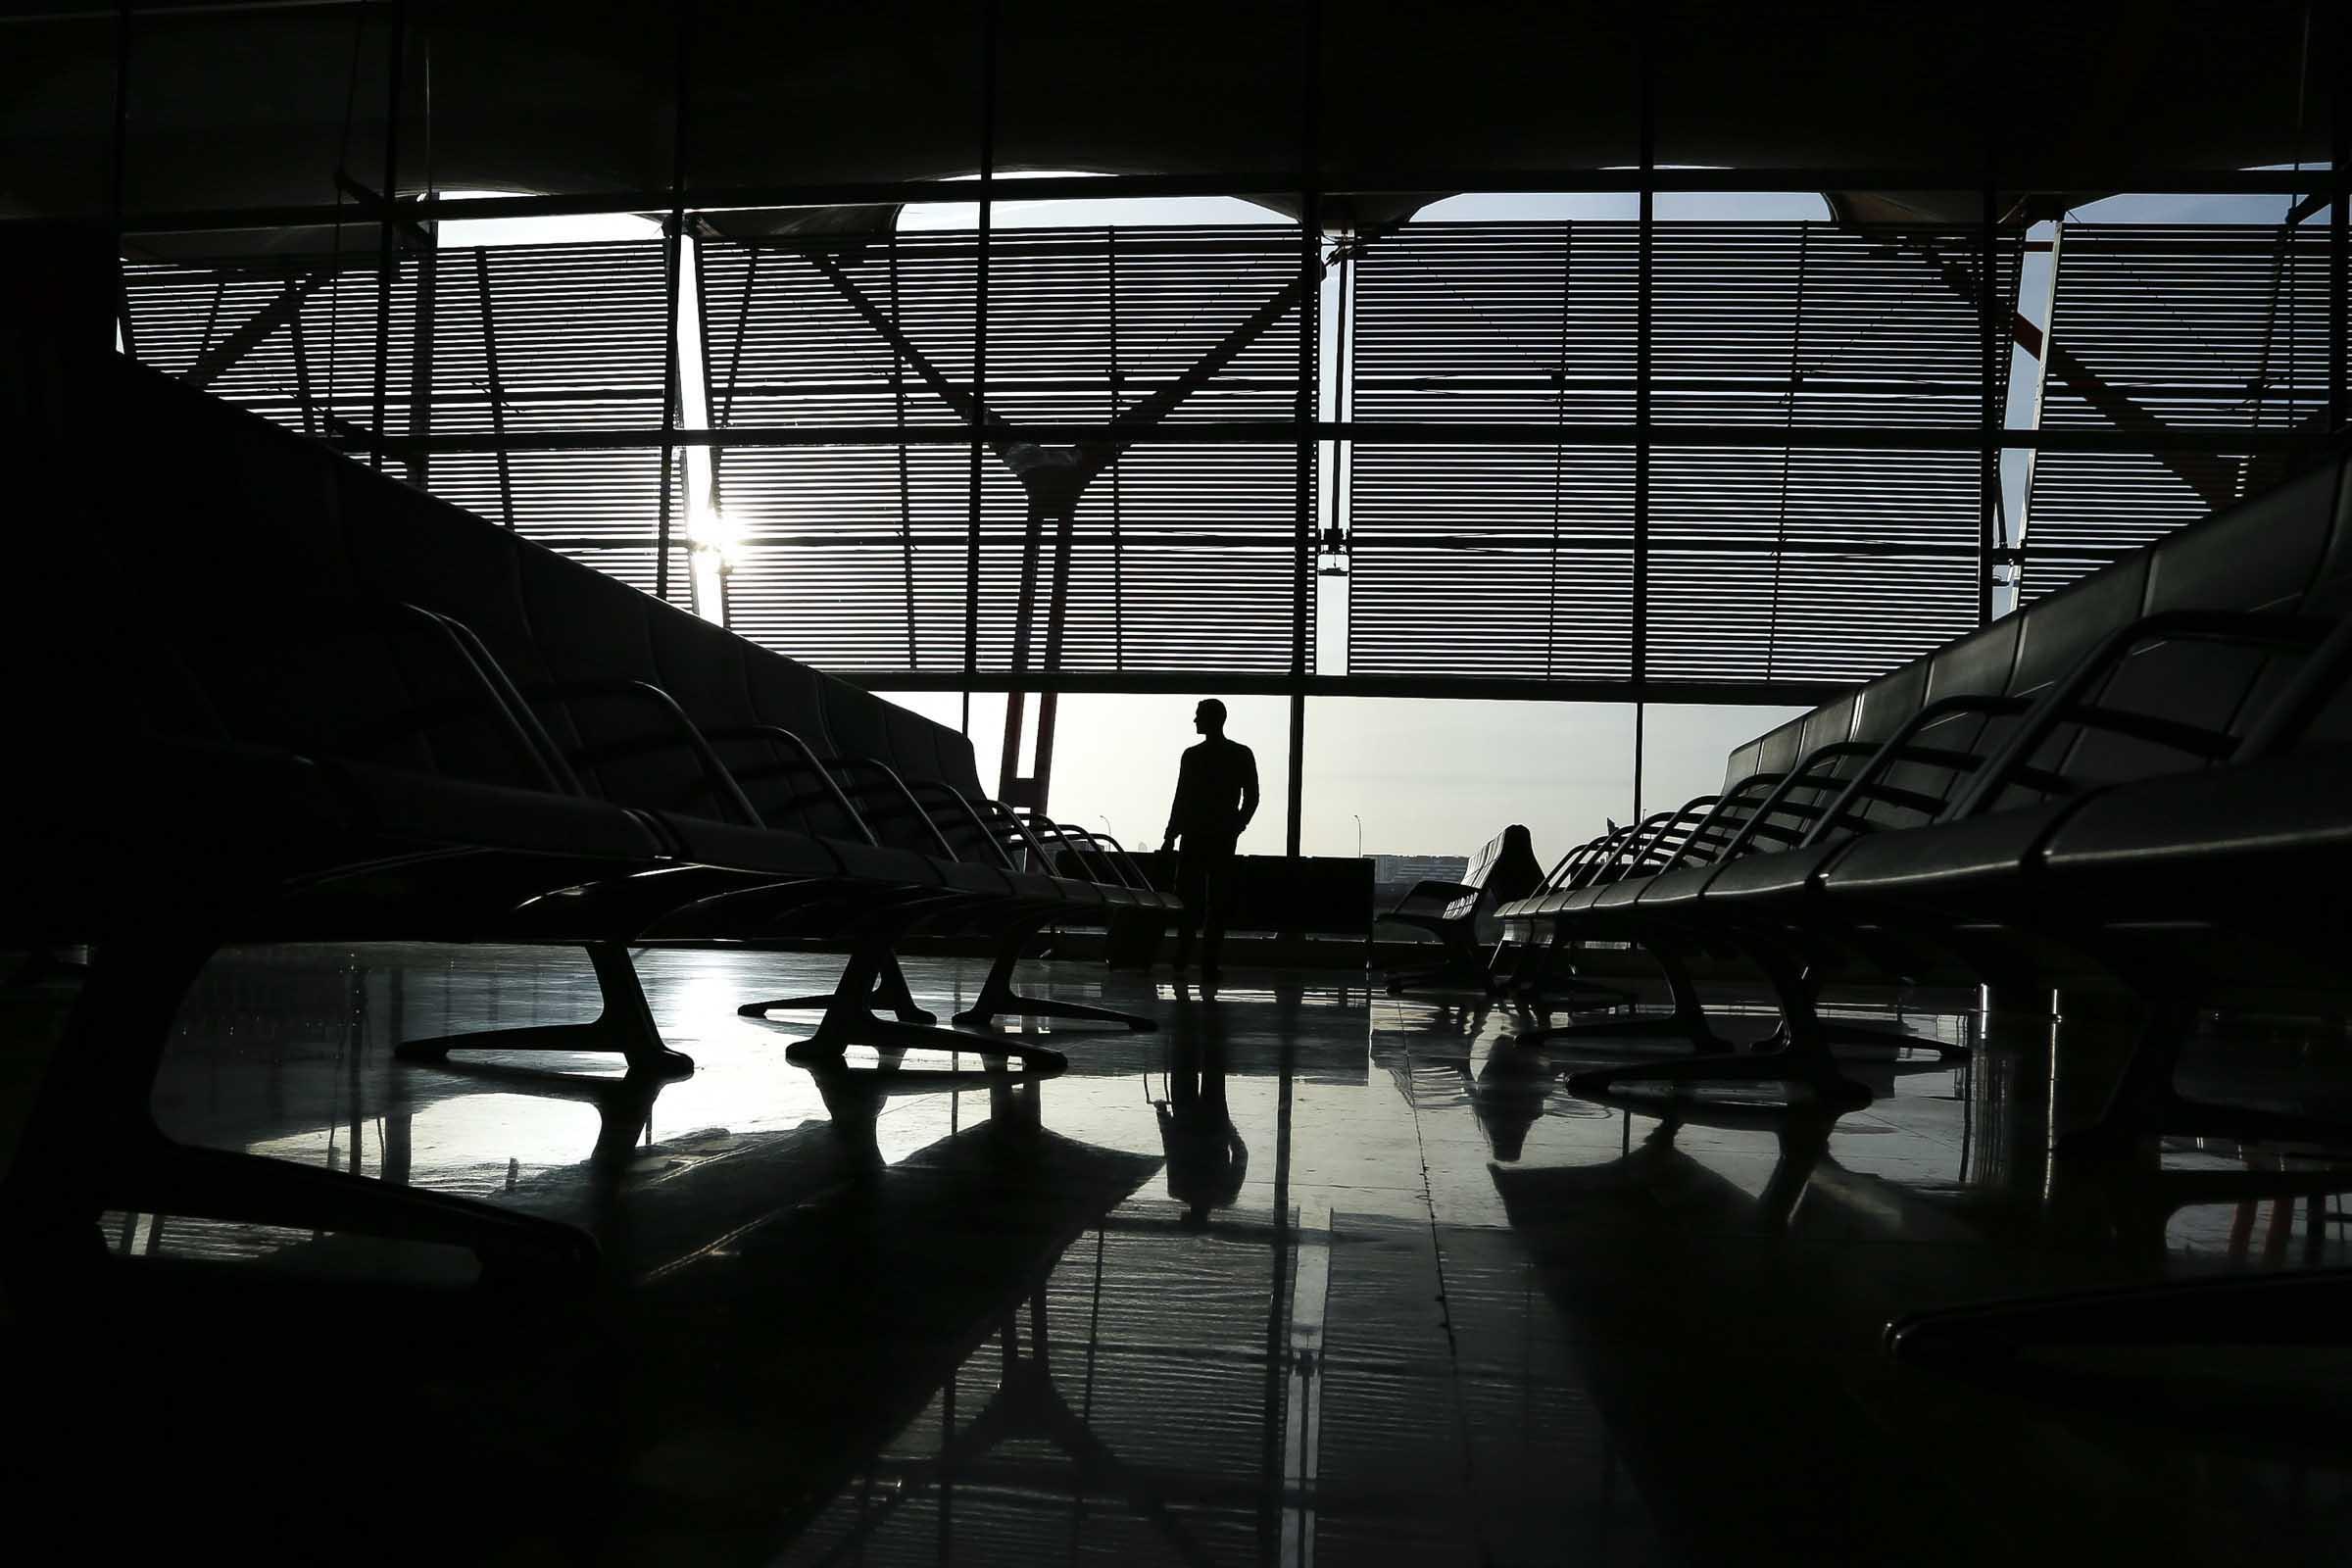 Un hombre espera en el aeropuerto de Madrid. Foto por José Luna.